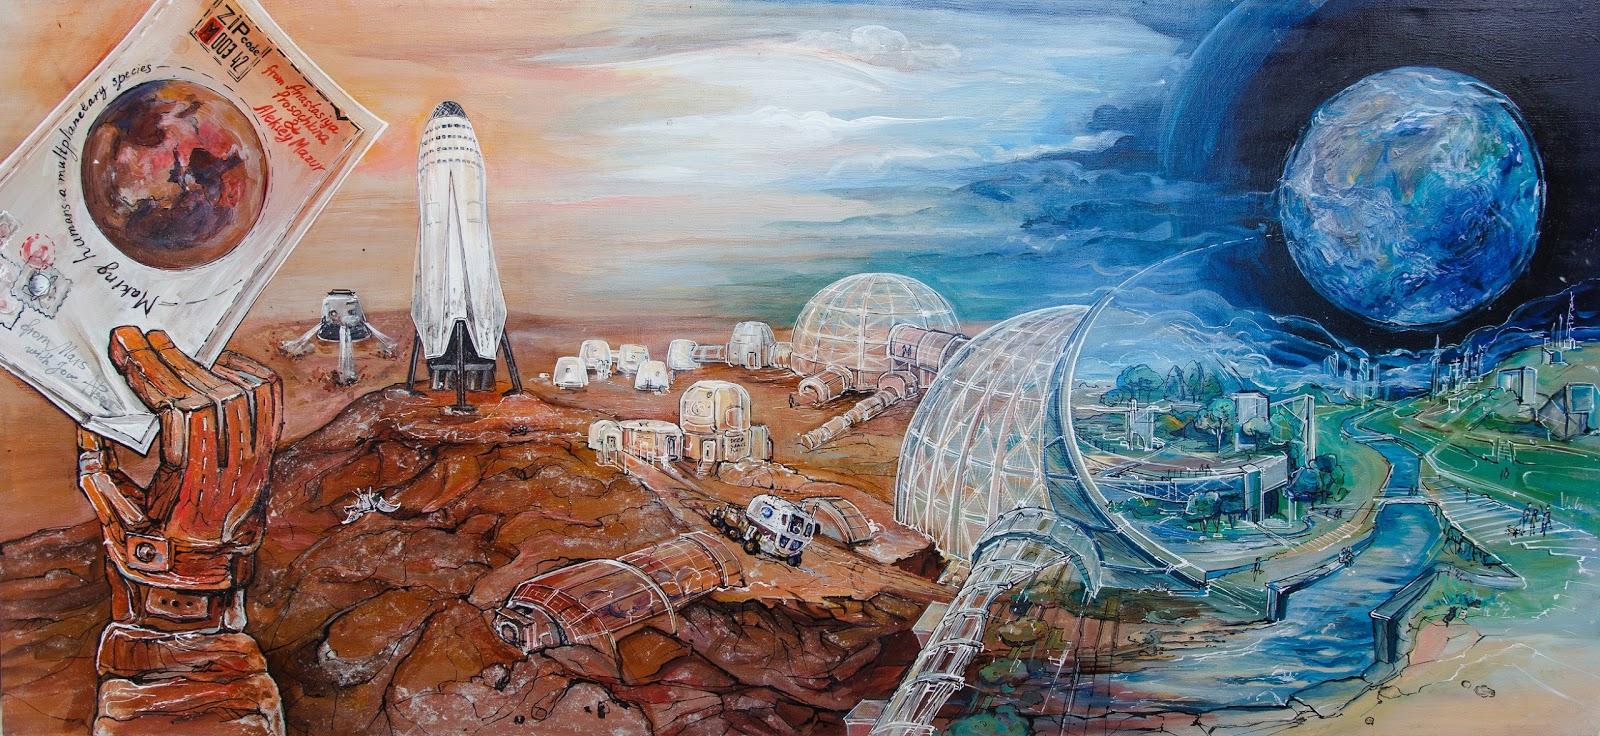 Terraforming Mars by Anastasiya Prosochkina & Aleksey Mazur